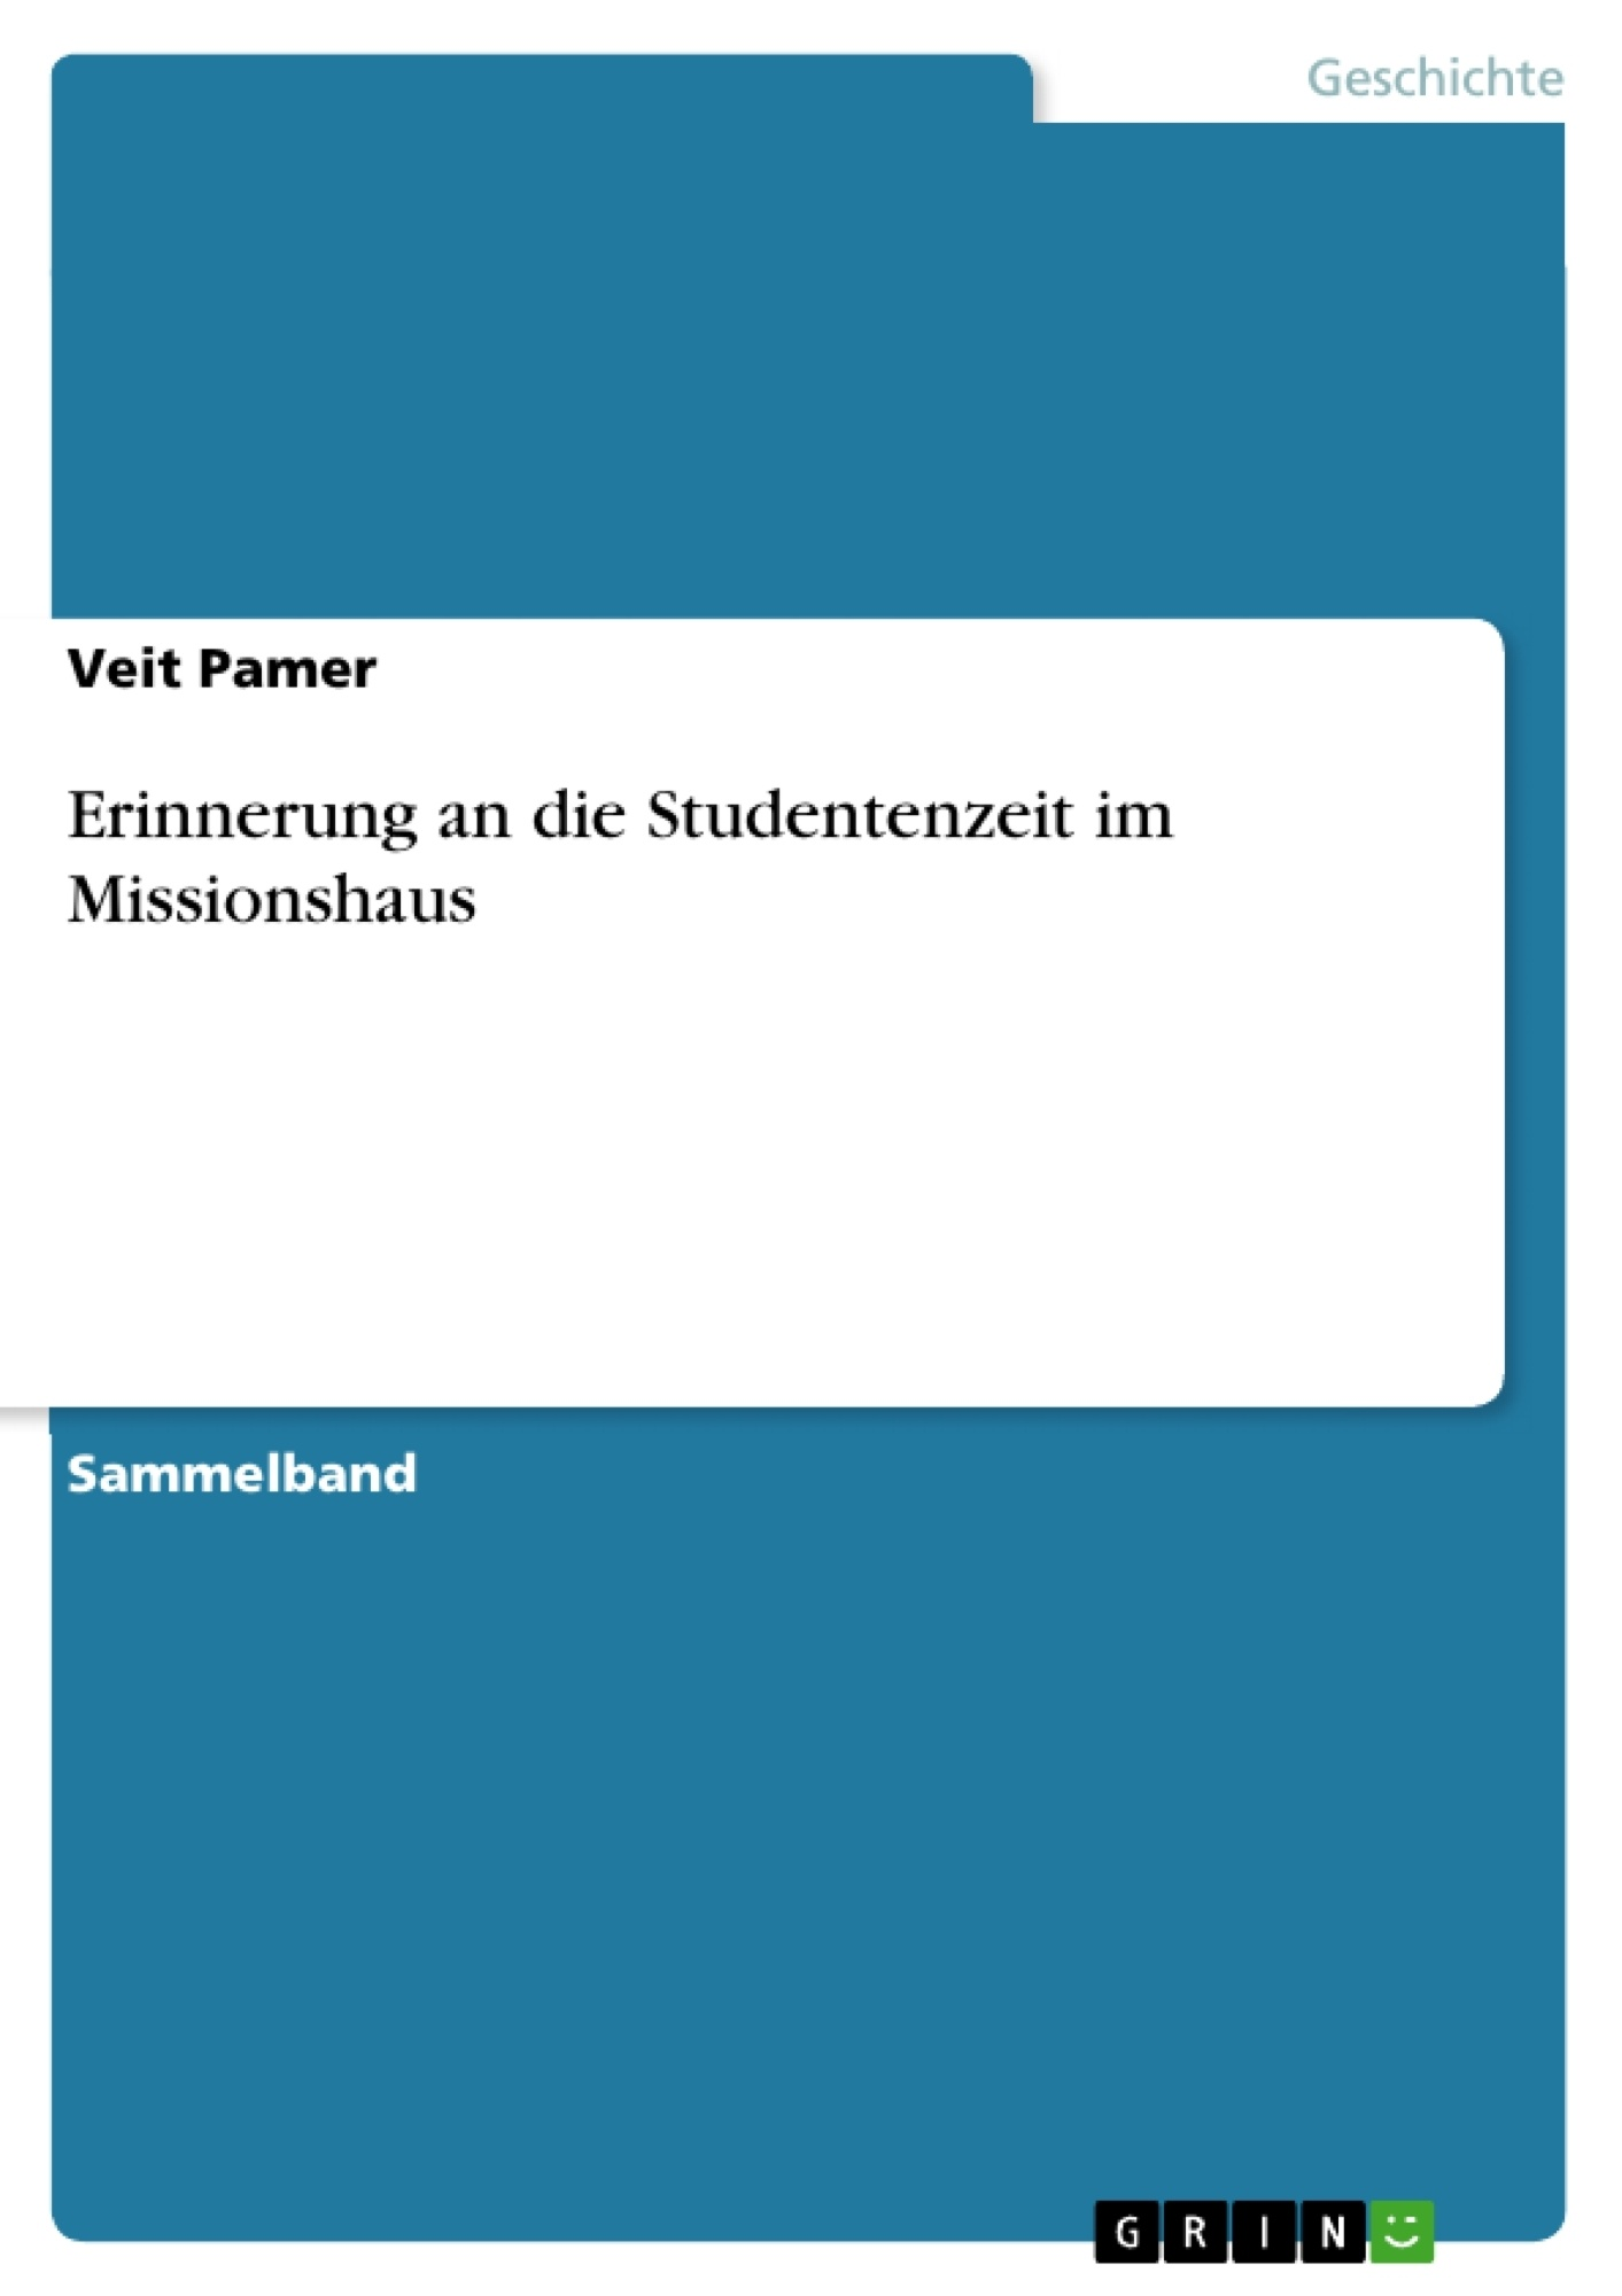 Titel: Erinnerung an die Studentenzeit im Missionshaus